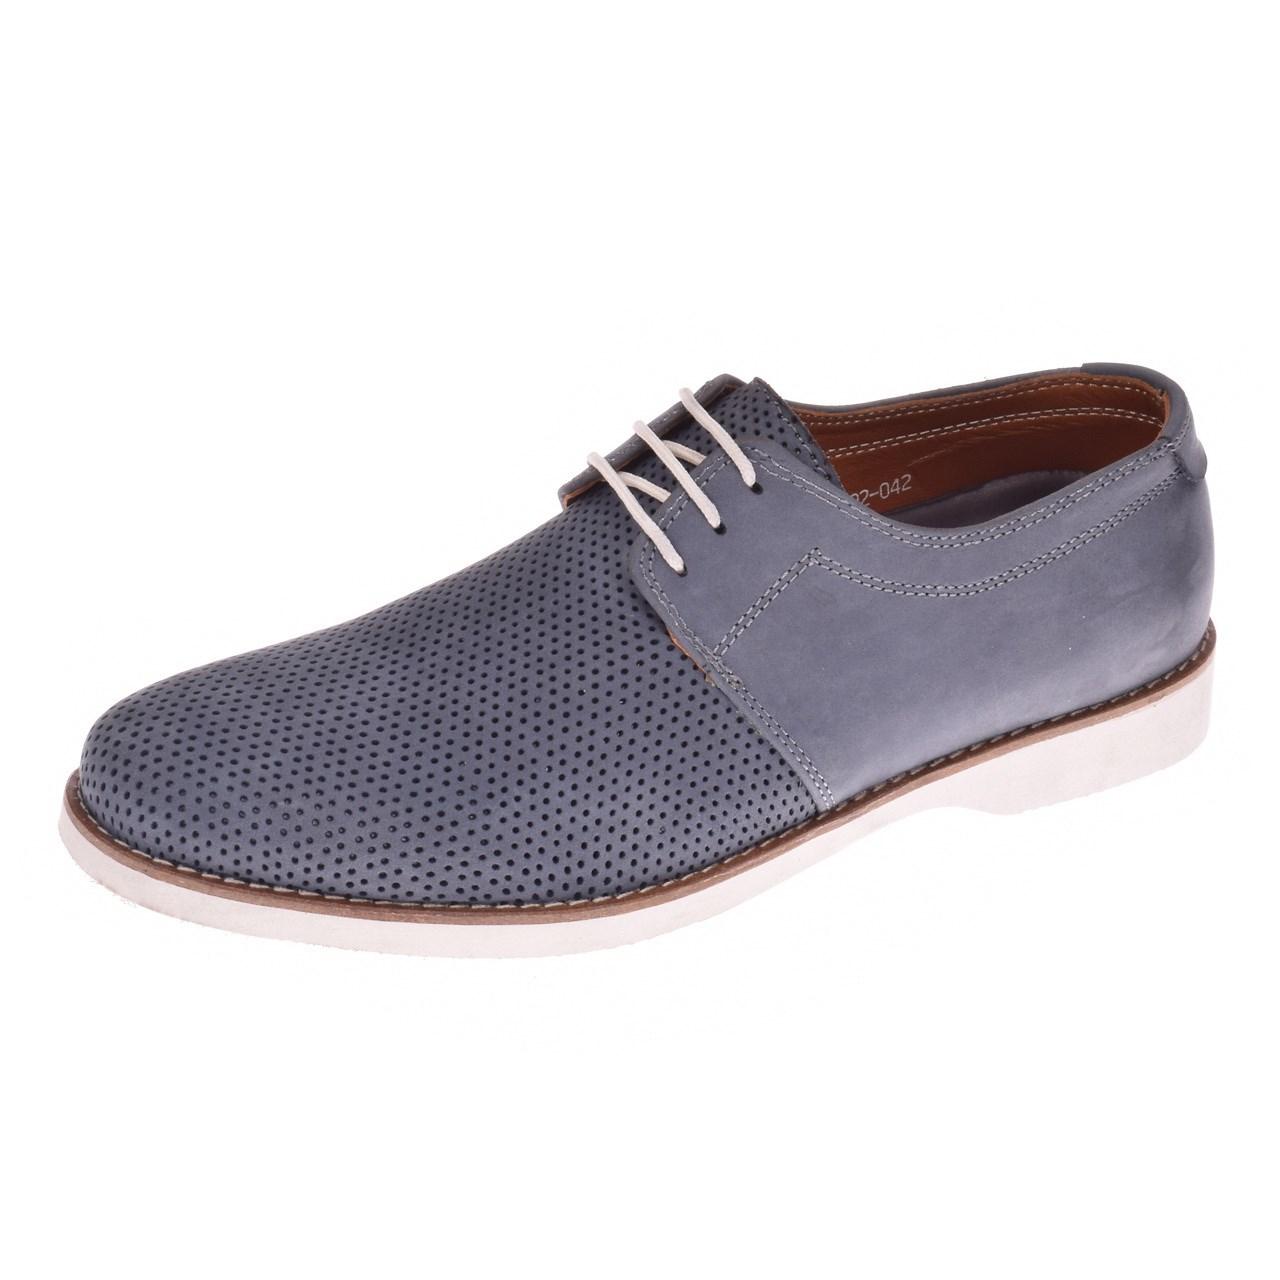 کفش مردانه پانیسا مدل 502Grey